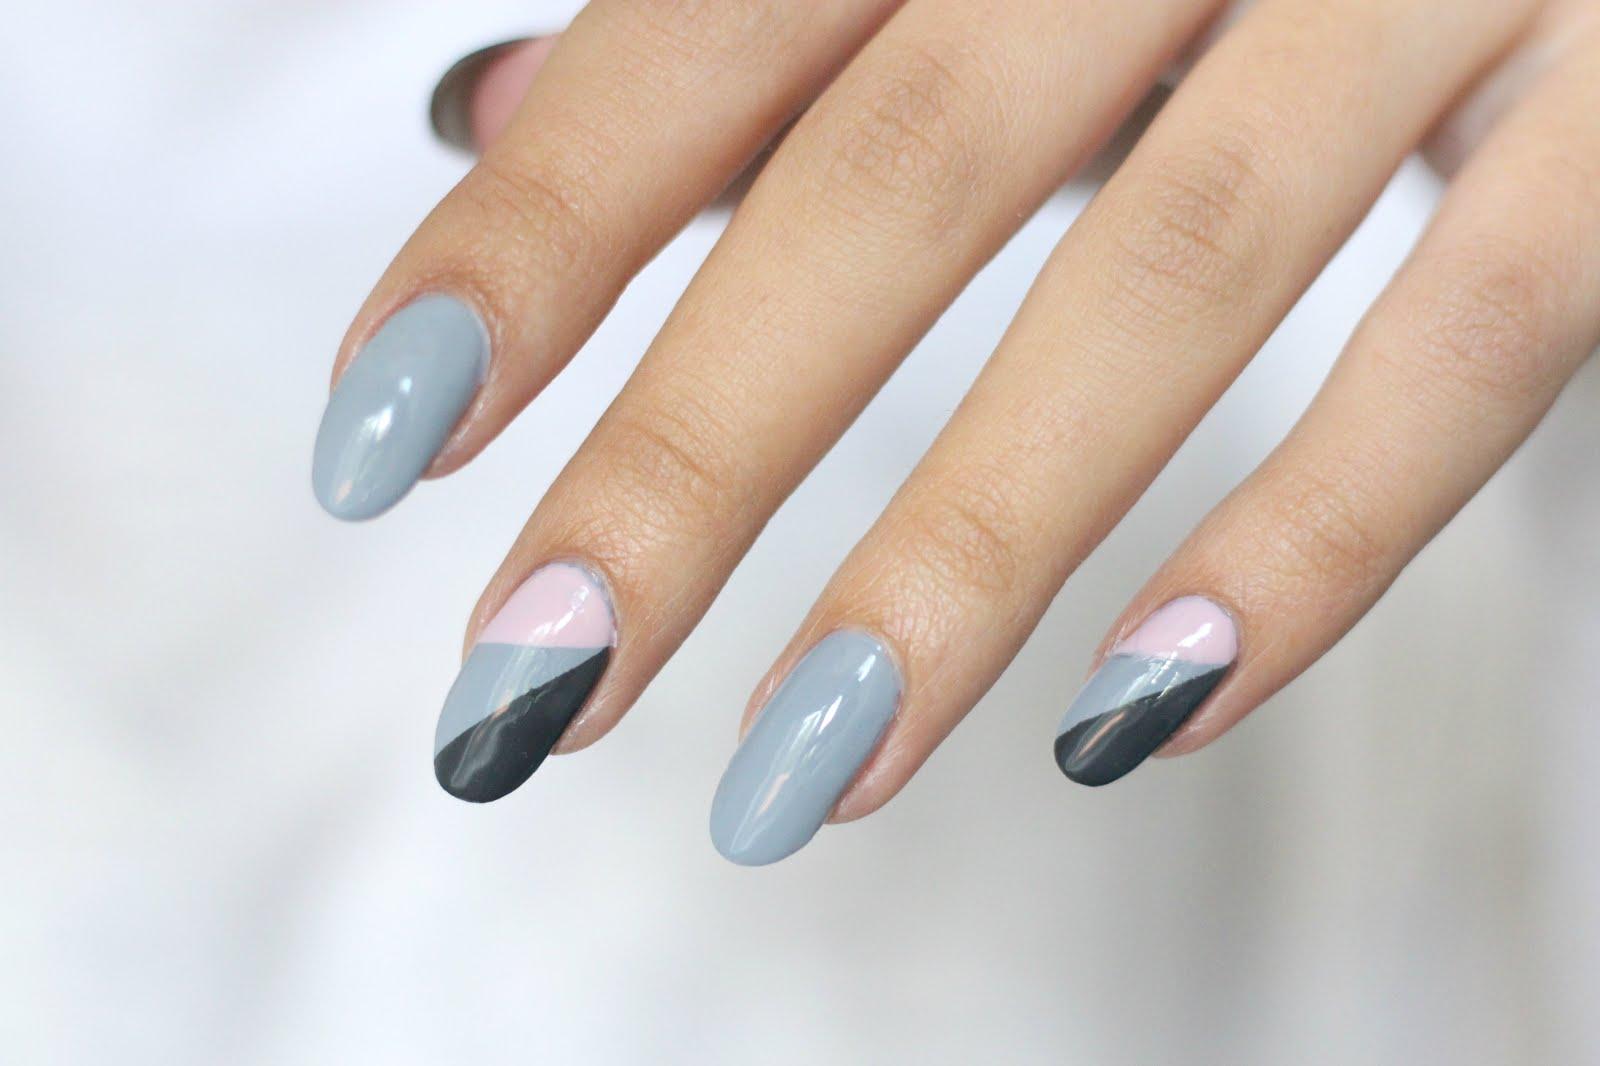 graphic nails, graphic nail art, nail art, easy nail art, diy  nail art, nelly ray, nelly ray blog, german blogger, blogger, german beauty blogger, beautyblog,